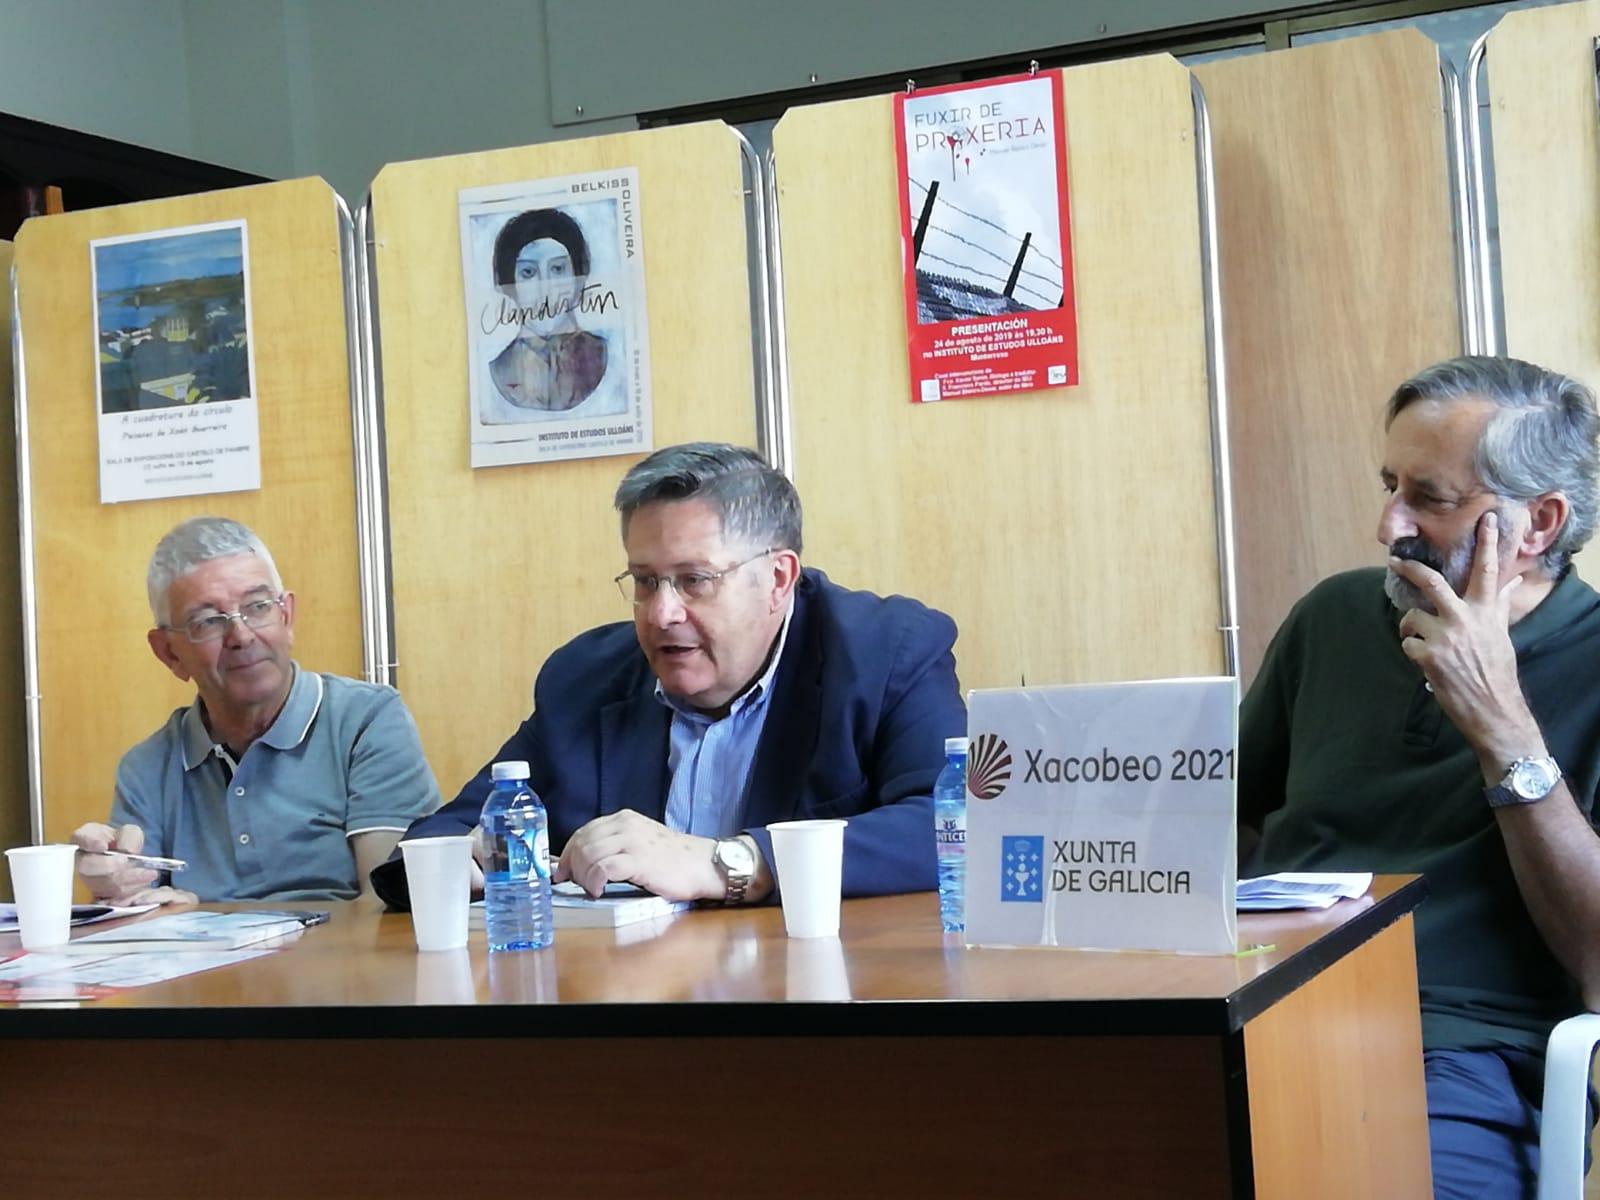 Fuxir de Proxeria, Blanco Desar, Xavier Senín, Francisco Pardo, Instituto de Estudos Ulloáns